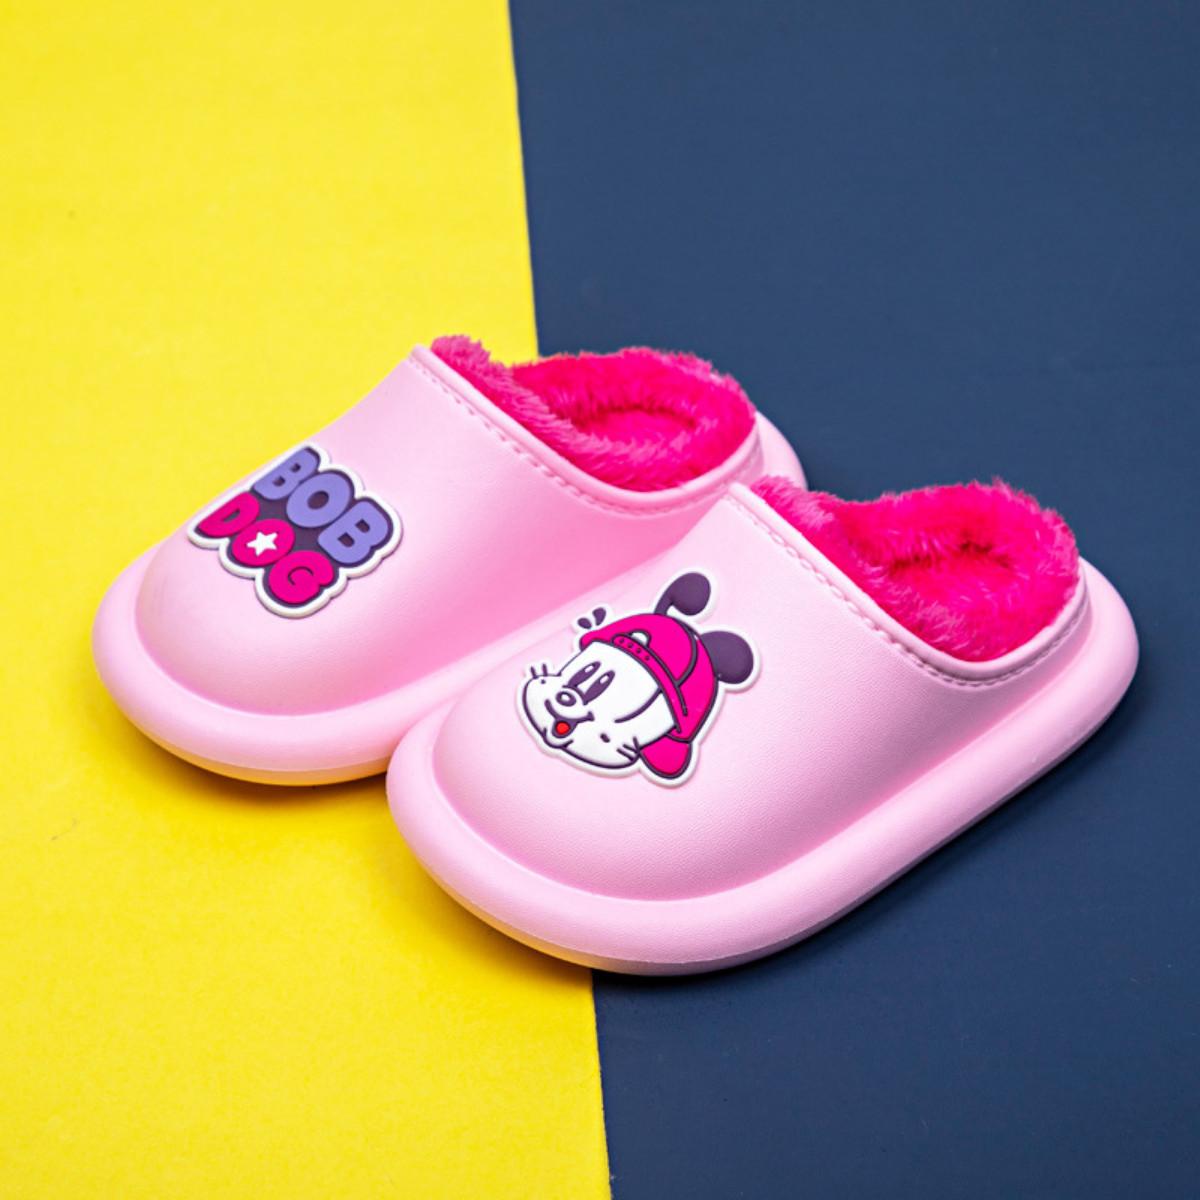 Giày Trẻ Em Bobdog BD - 6030 Dép Sục Lót Lông Cho Bé Trai Bé Gái Siêu Mềm Ấm, Chống Trơn Trượt